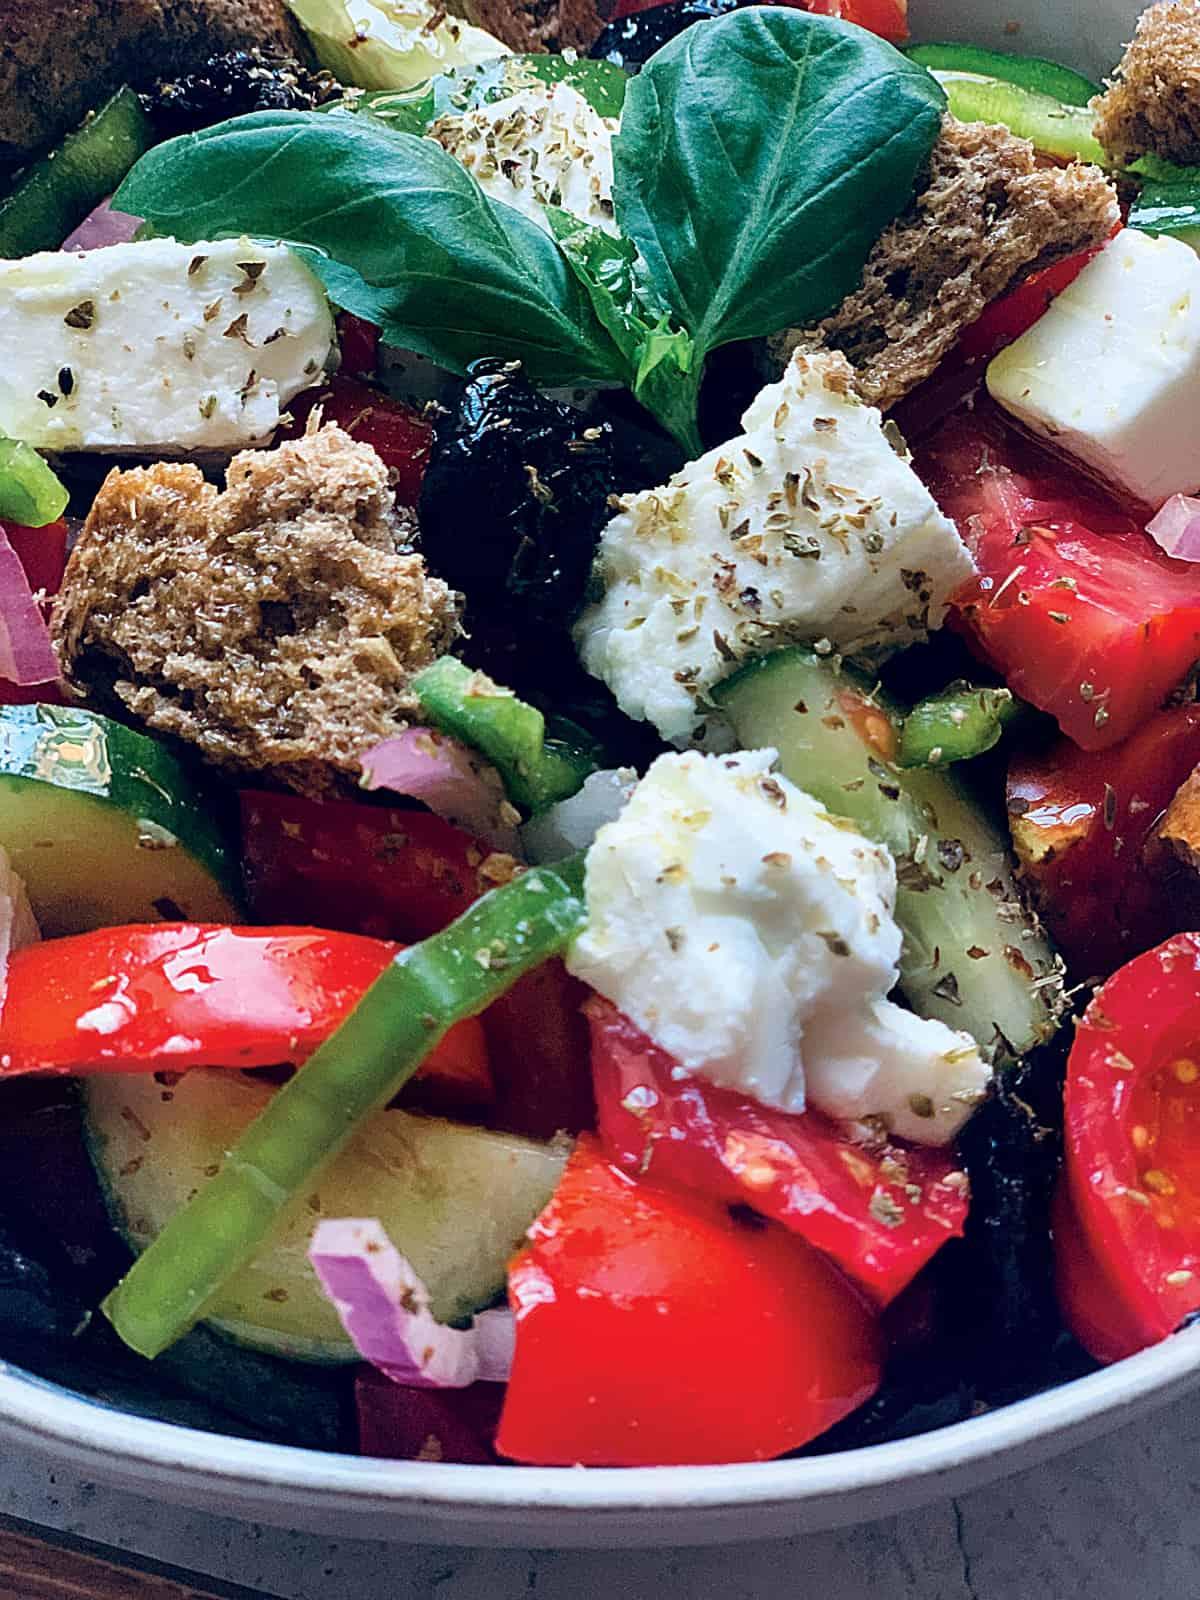 A close up of a Greek salad.